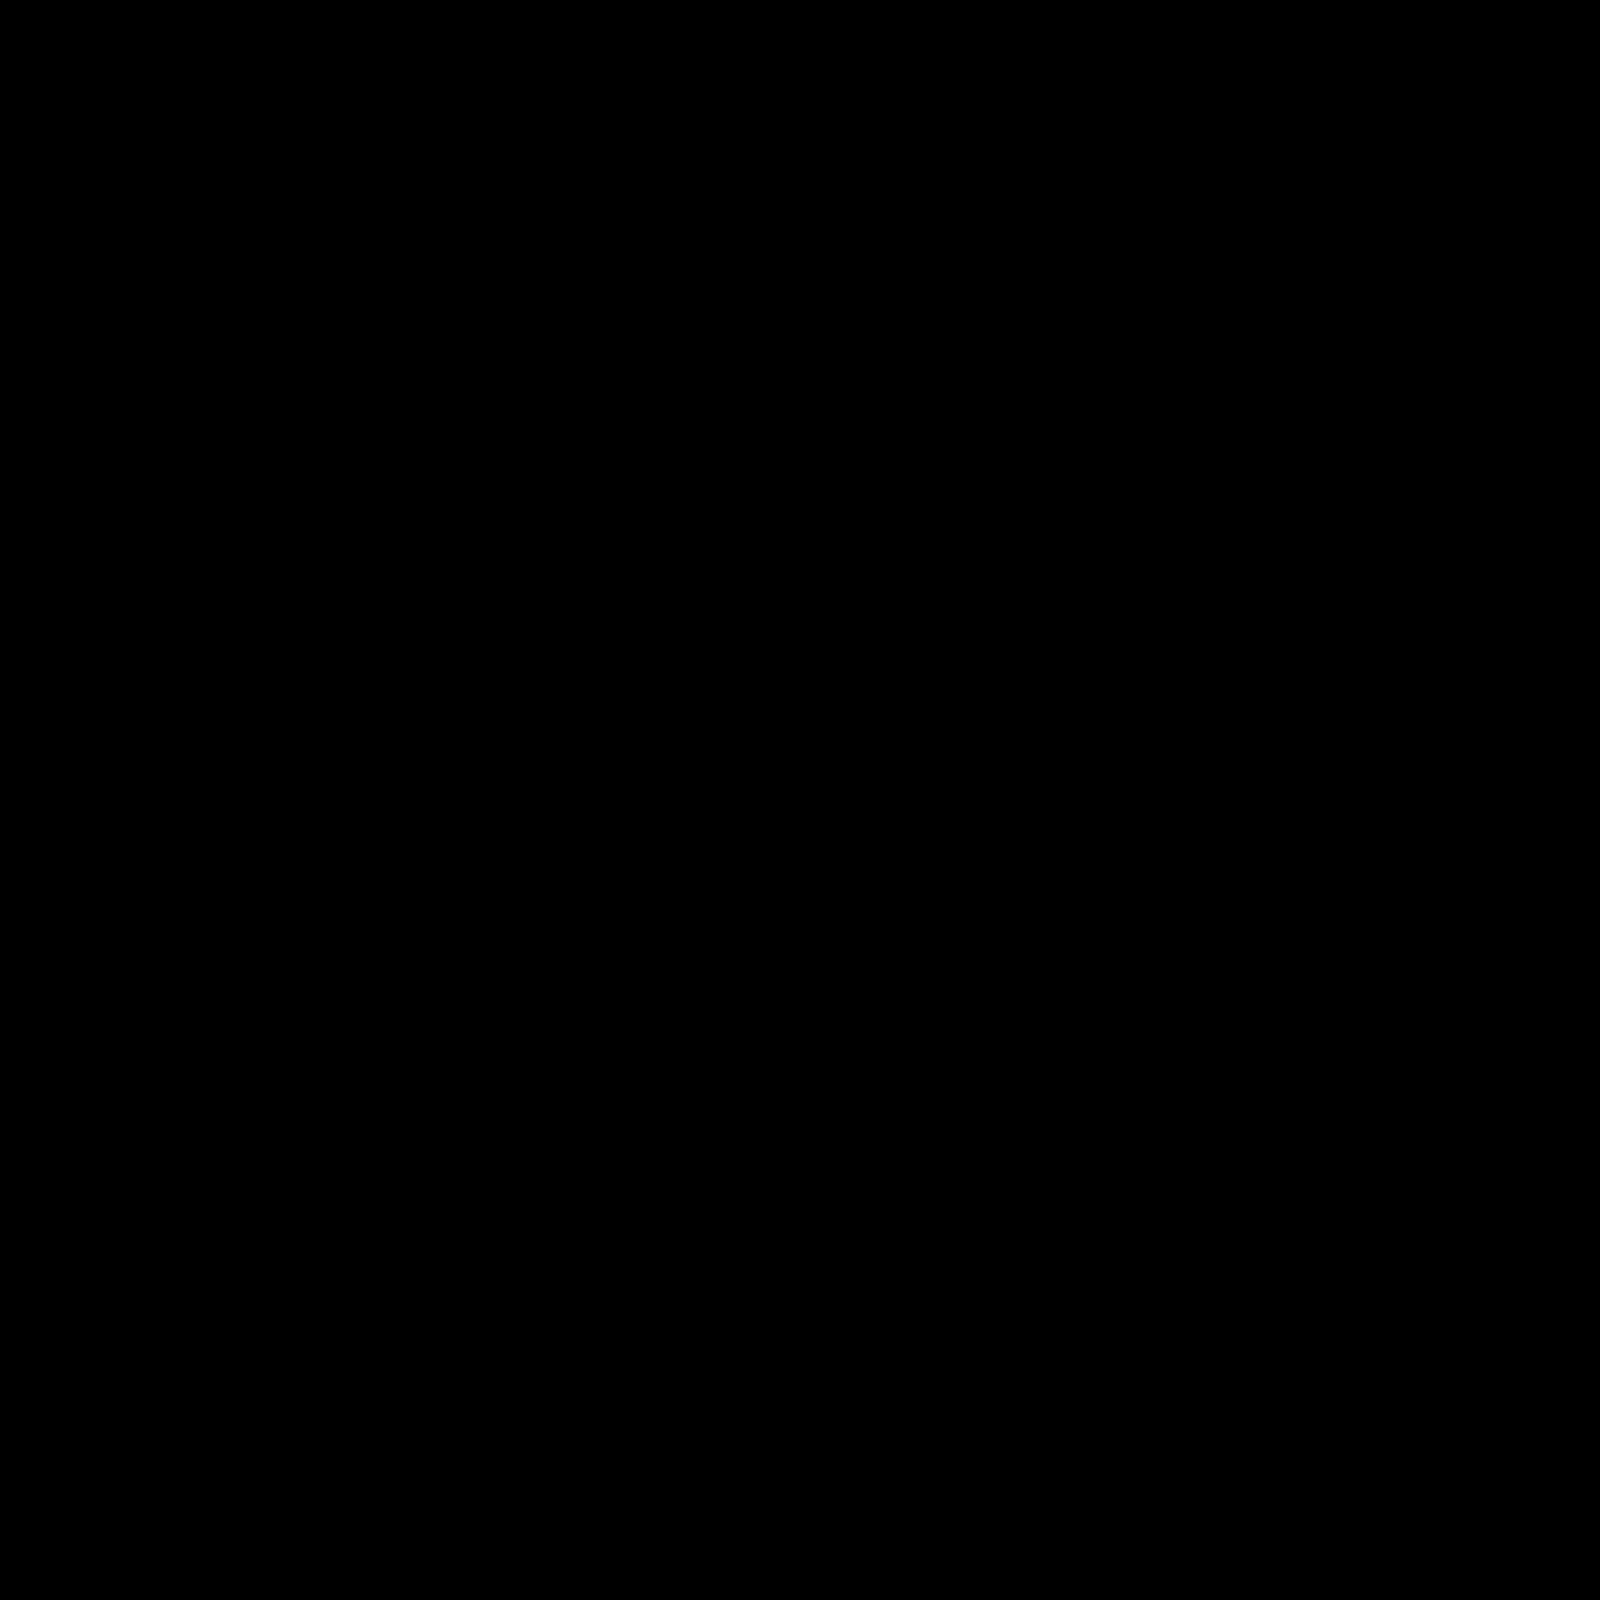 Nutzer hinzufügen männlich neues Symbol icon